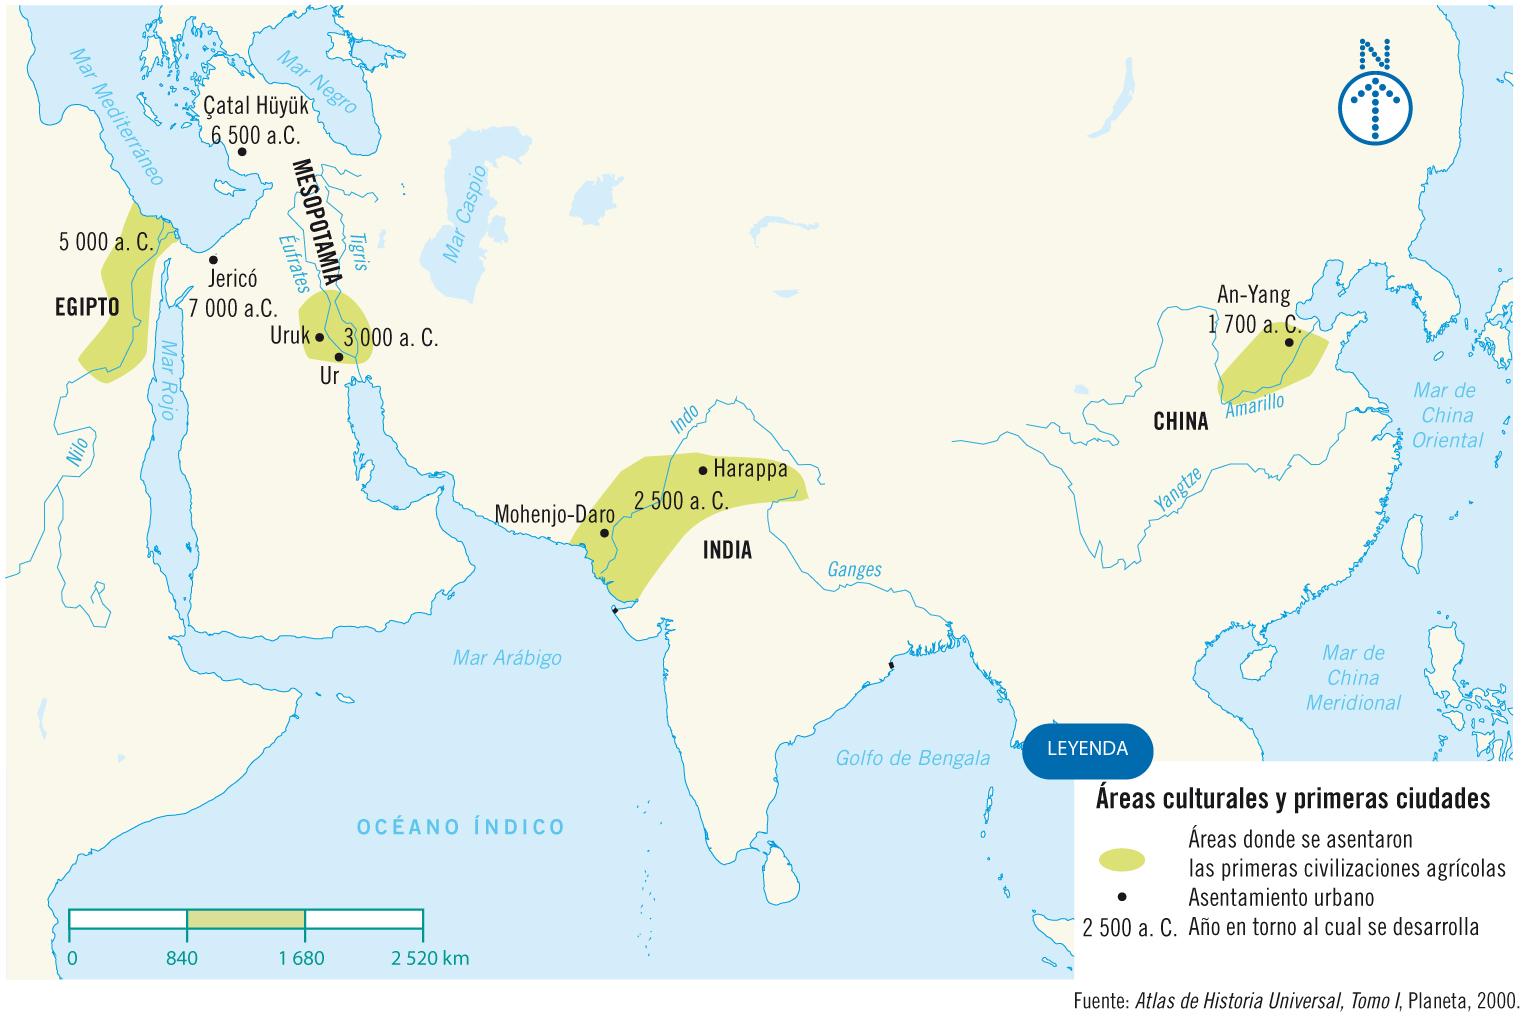 Historia AntiguaLuiselli  Mapa de las Civilizaciones Agrcolas